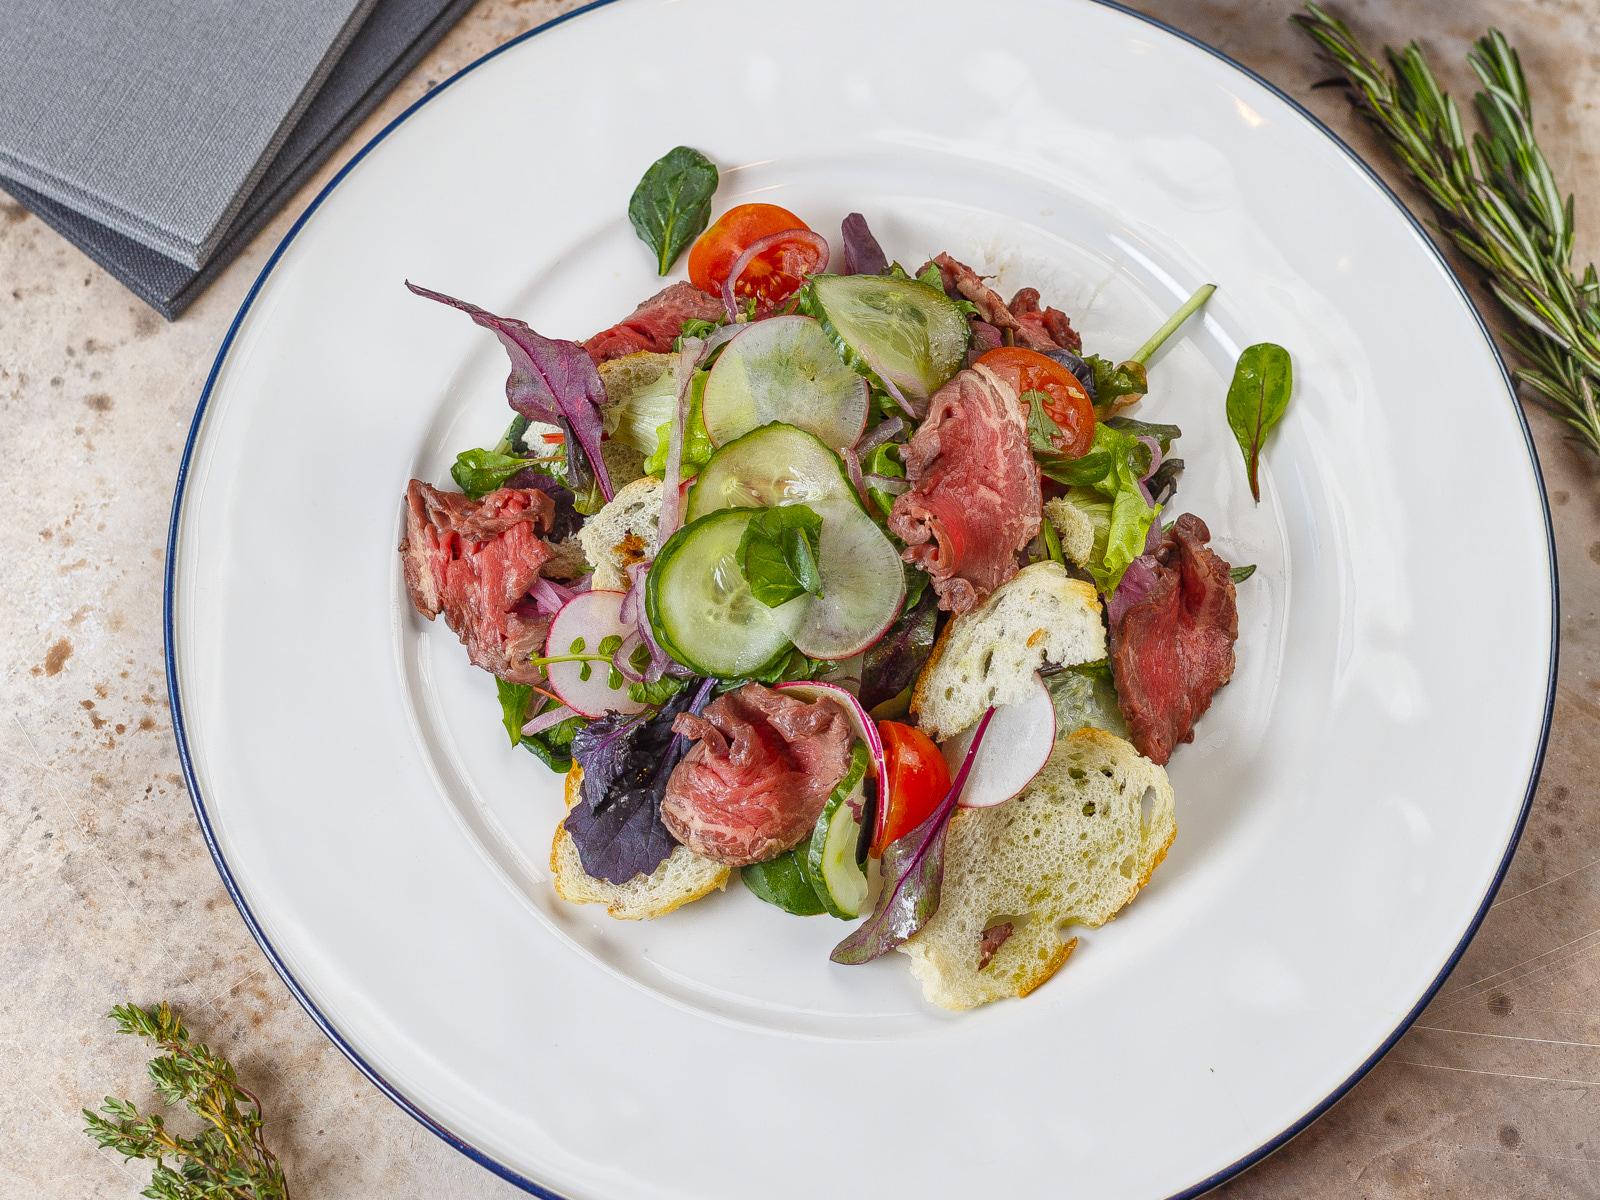 Салат с телячьей вырезкой